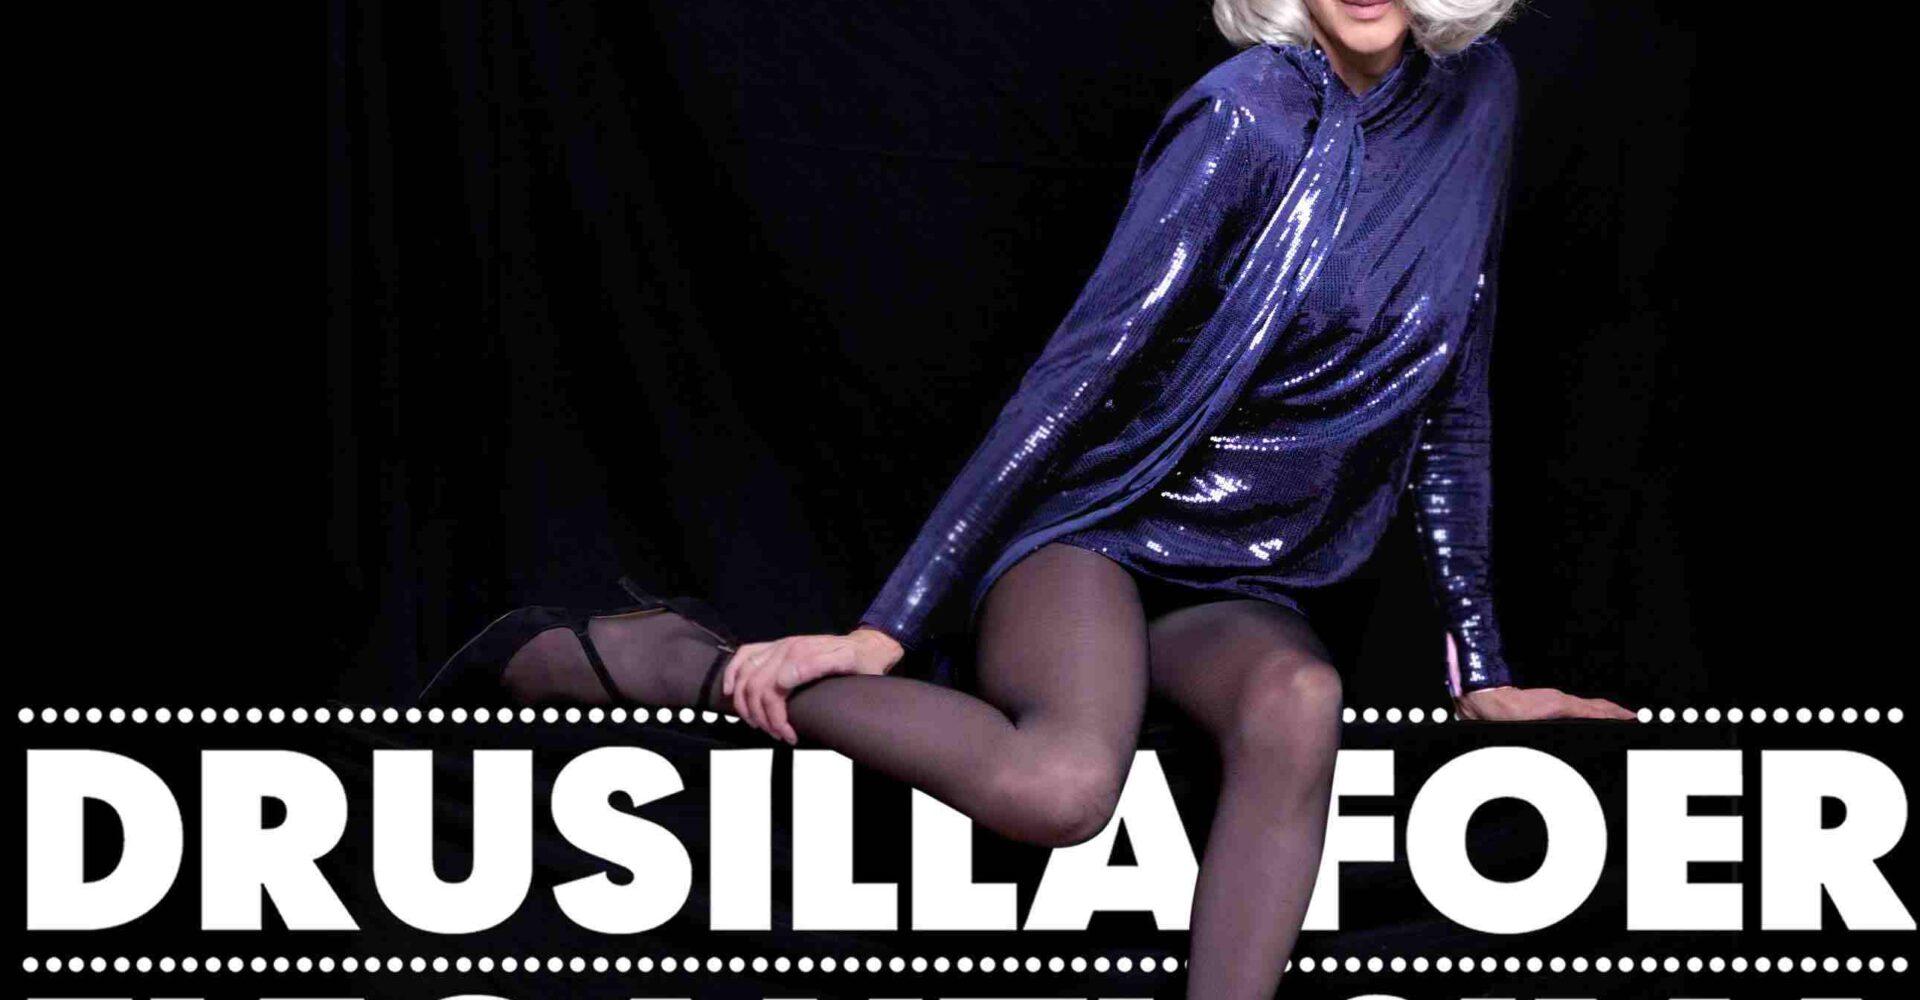 DRUsilla low